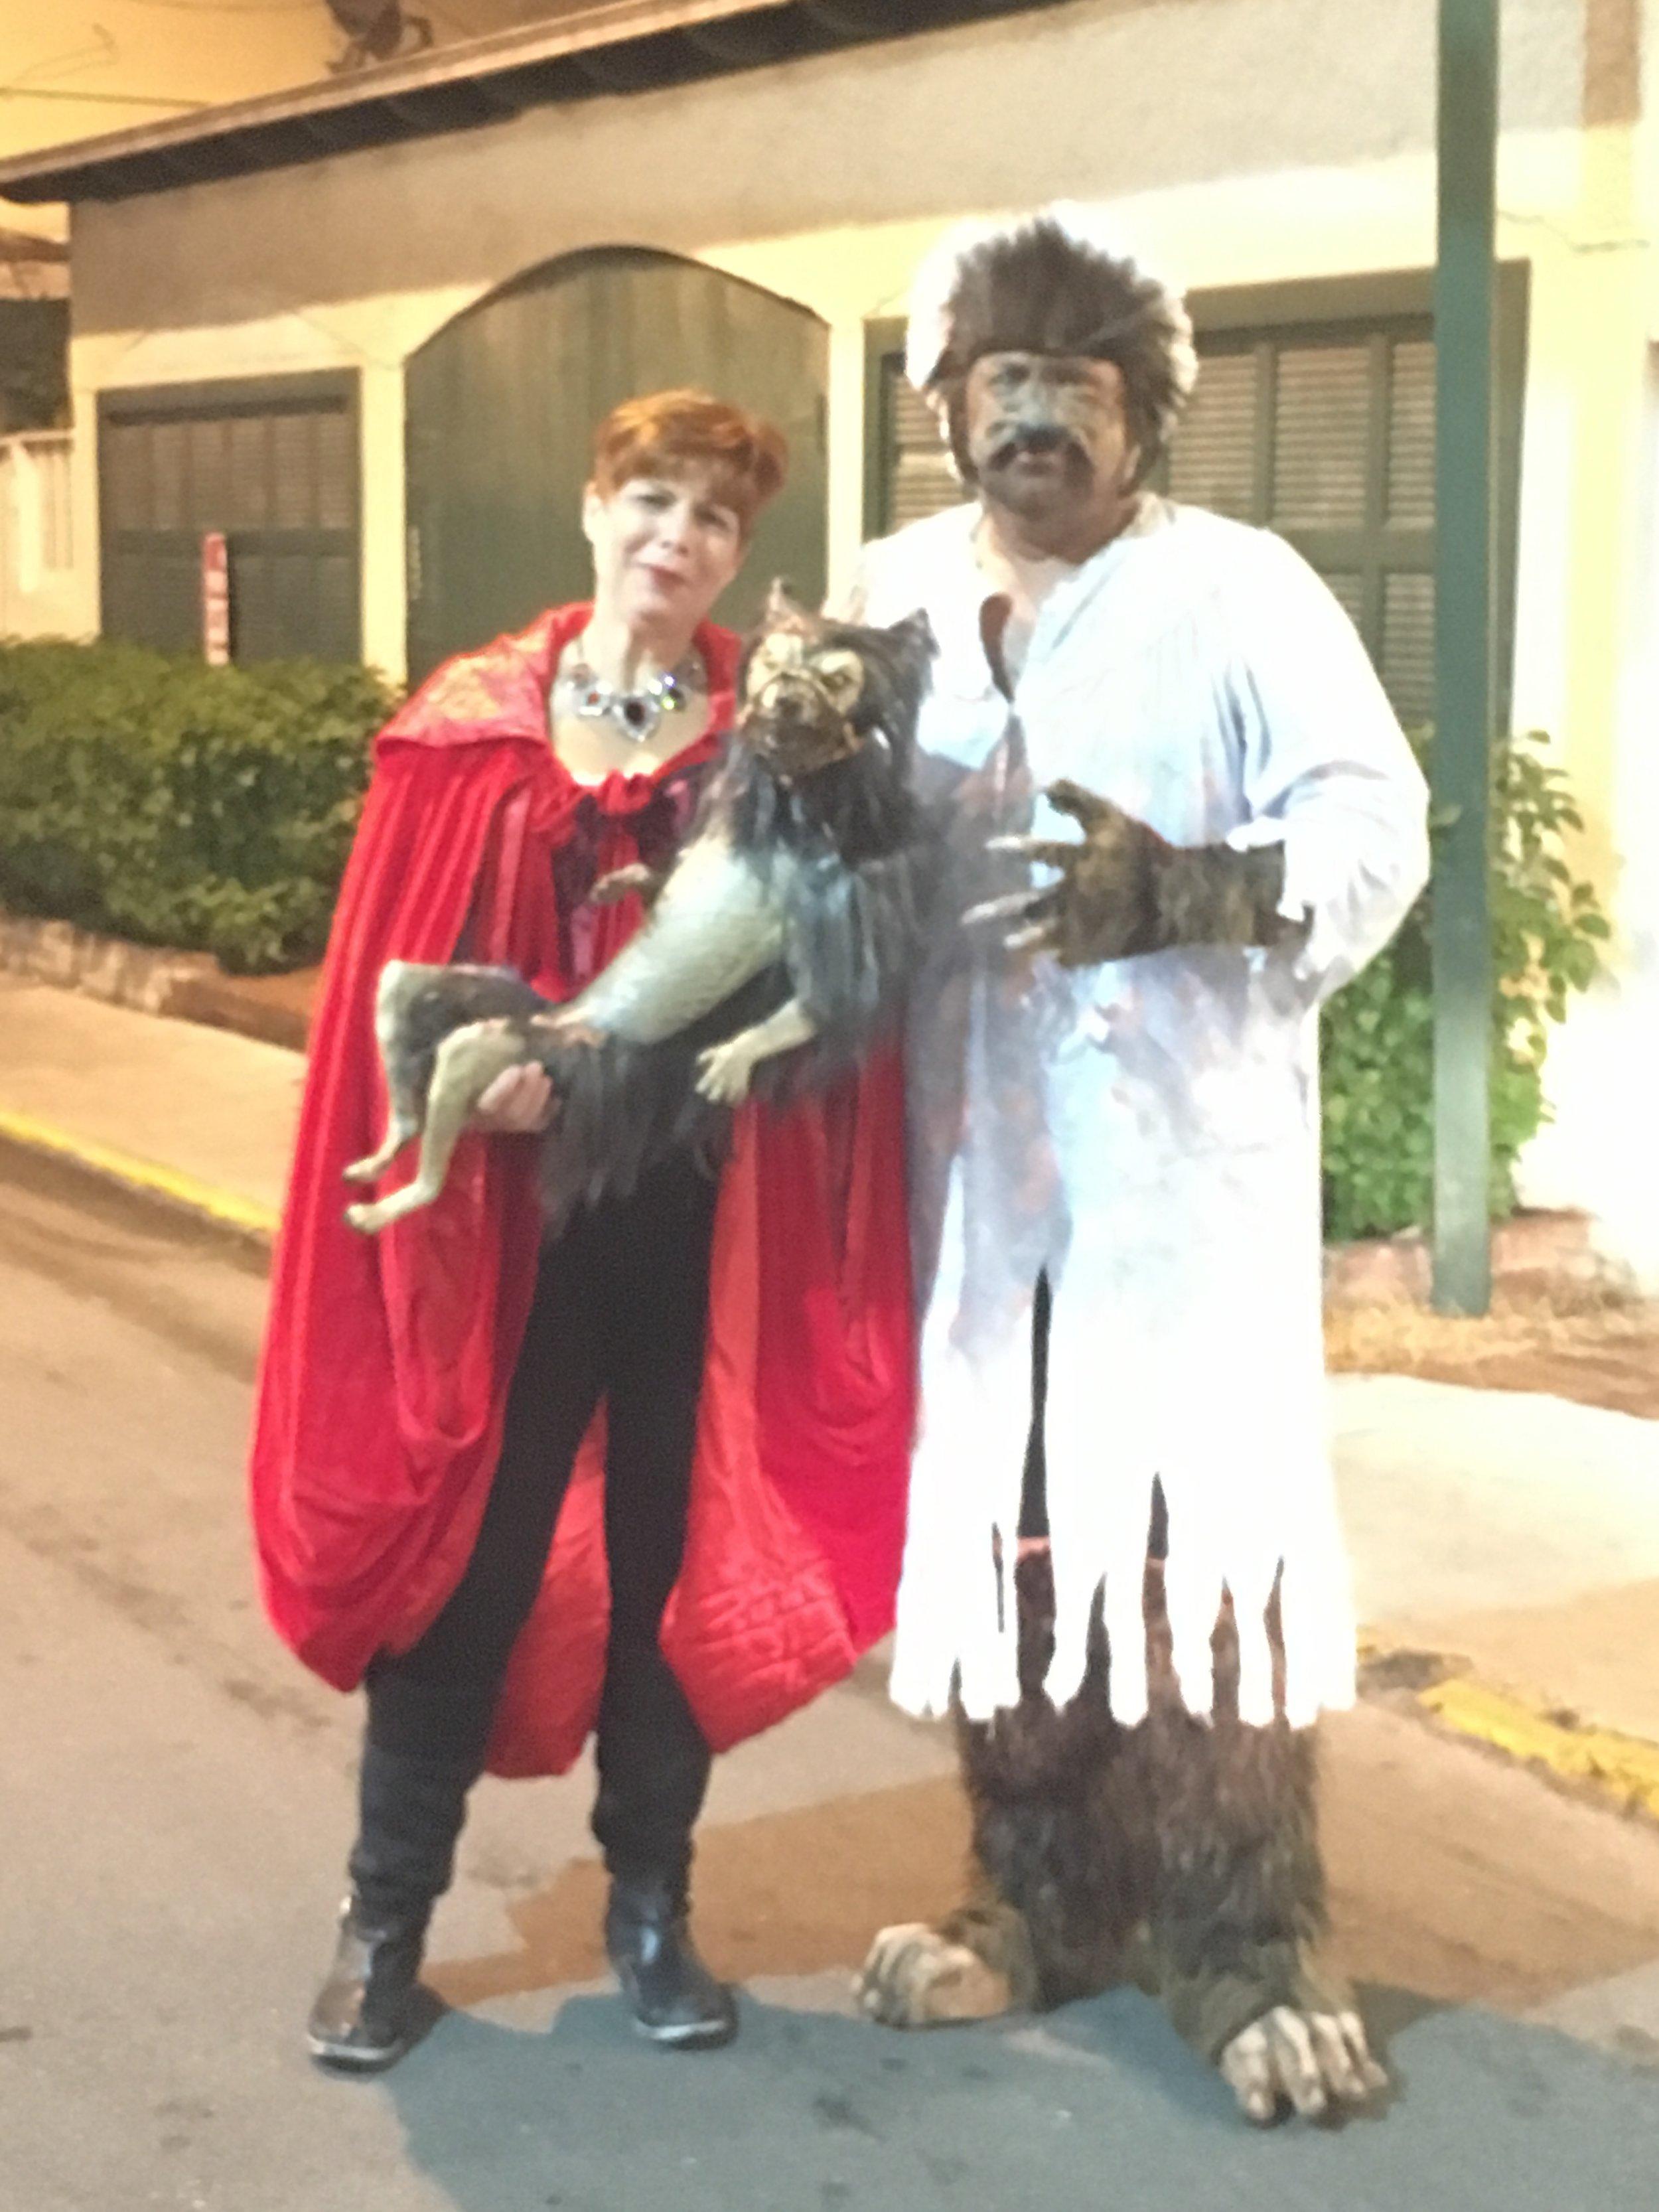 fantasy fest 2016 key west crowd shots pictures costumes demon dog evil